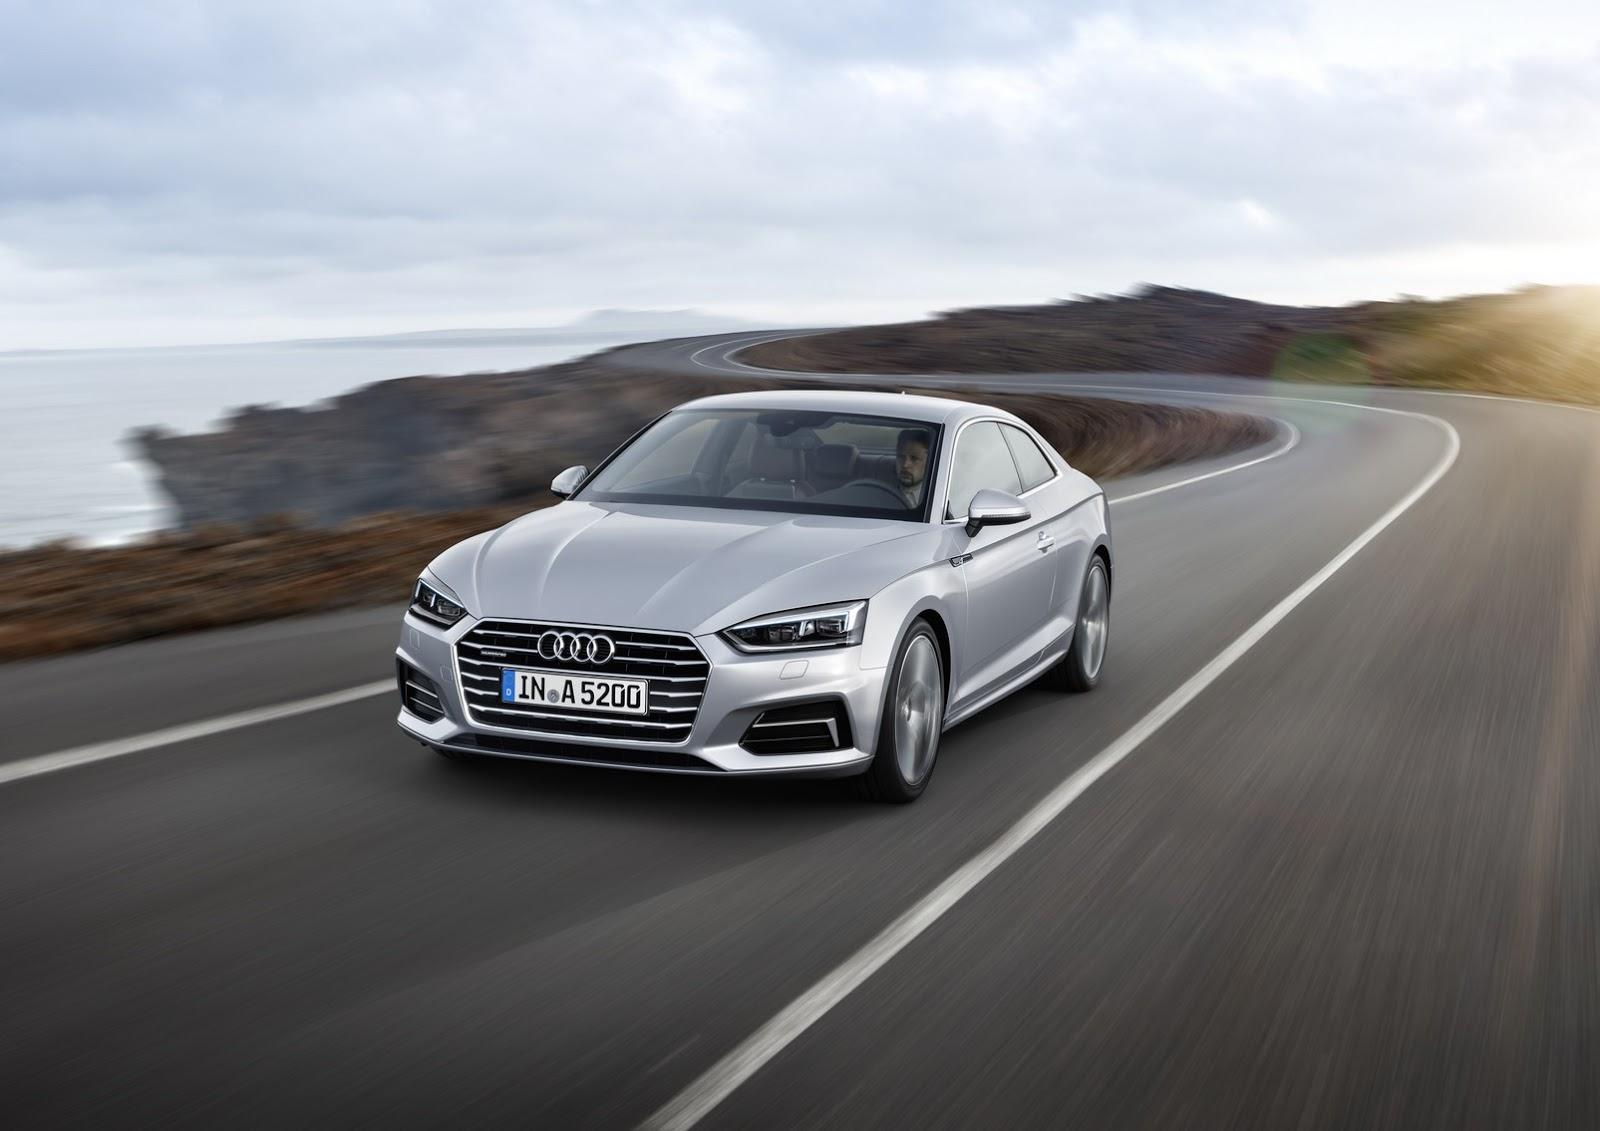 Đúng như kế hoạch từ trước, đầu tháng 6/2016, hãng Audi đã chính thức ra mắt mẫu xe sang A5 thế hệ mới, trong đó bao gồm cả S5 Coupe. Về thiết kế, Audi A5 2017 trông có vẻ không thay đổi quá nhiều về thiết kế. Tuy nhiên, theo hãng Audi, A5 2017 thực sự là mẫu xe hoàn toàn mới.